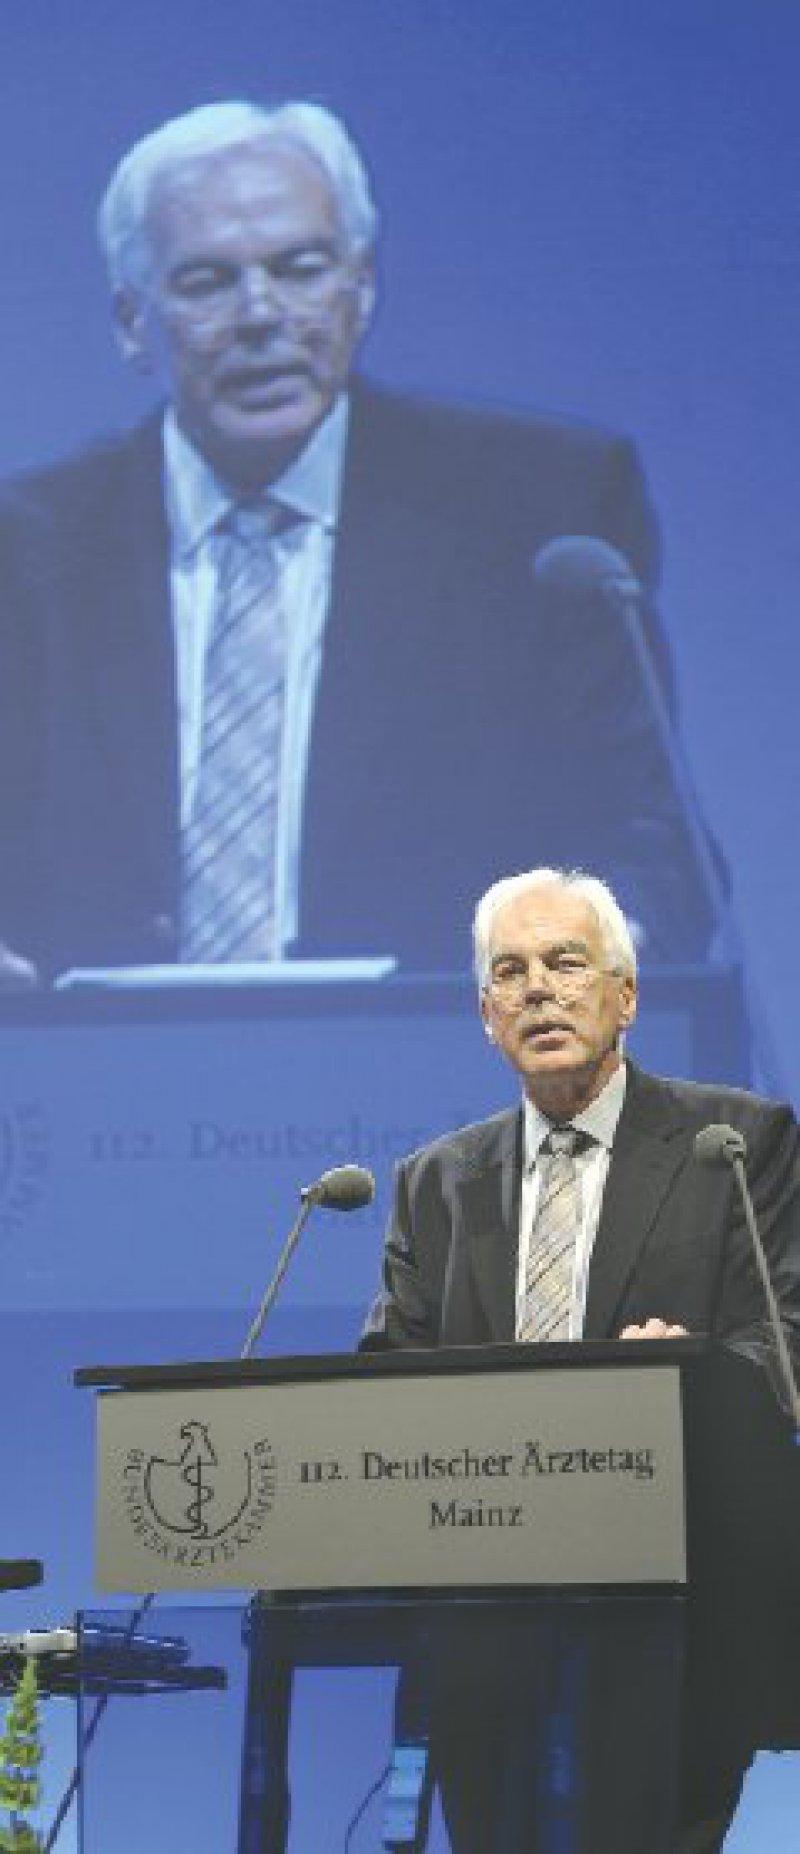 Für die Werte kämpfen, die den Arztberuf attraktiv machen: Christoph Fuchs forderte die Delegierten dazu auf, das hohe Gut der Freiberuflichkeit zu verteidigen.